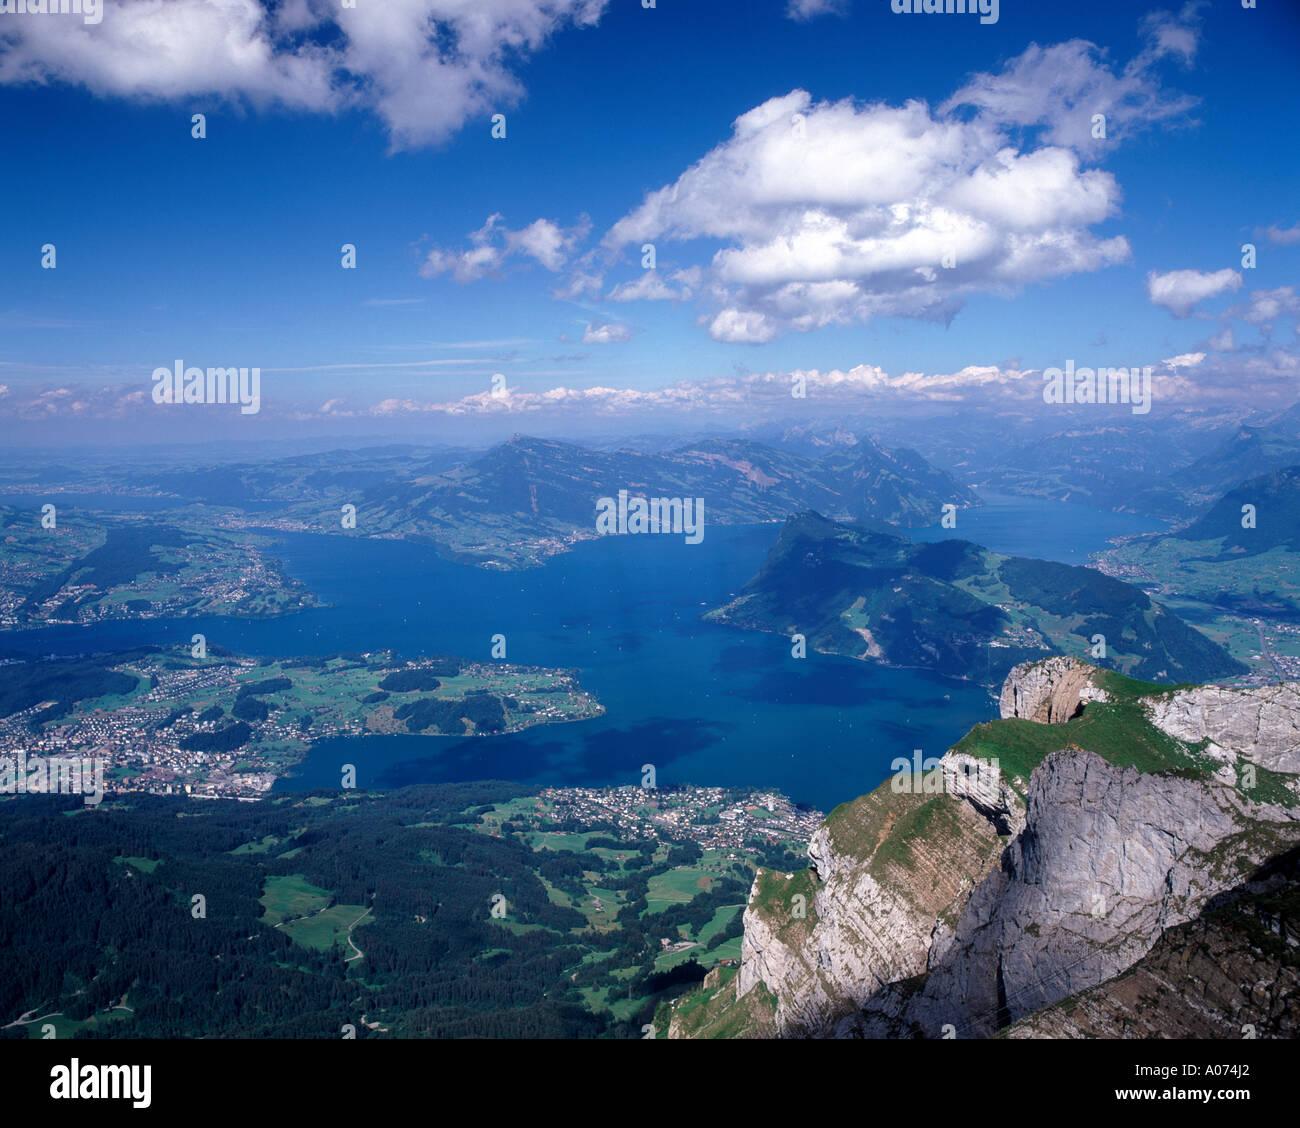 Lake Lucerne from mount pilatus, Switzerland - Stock Image